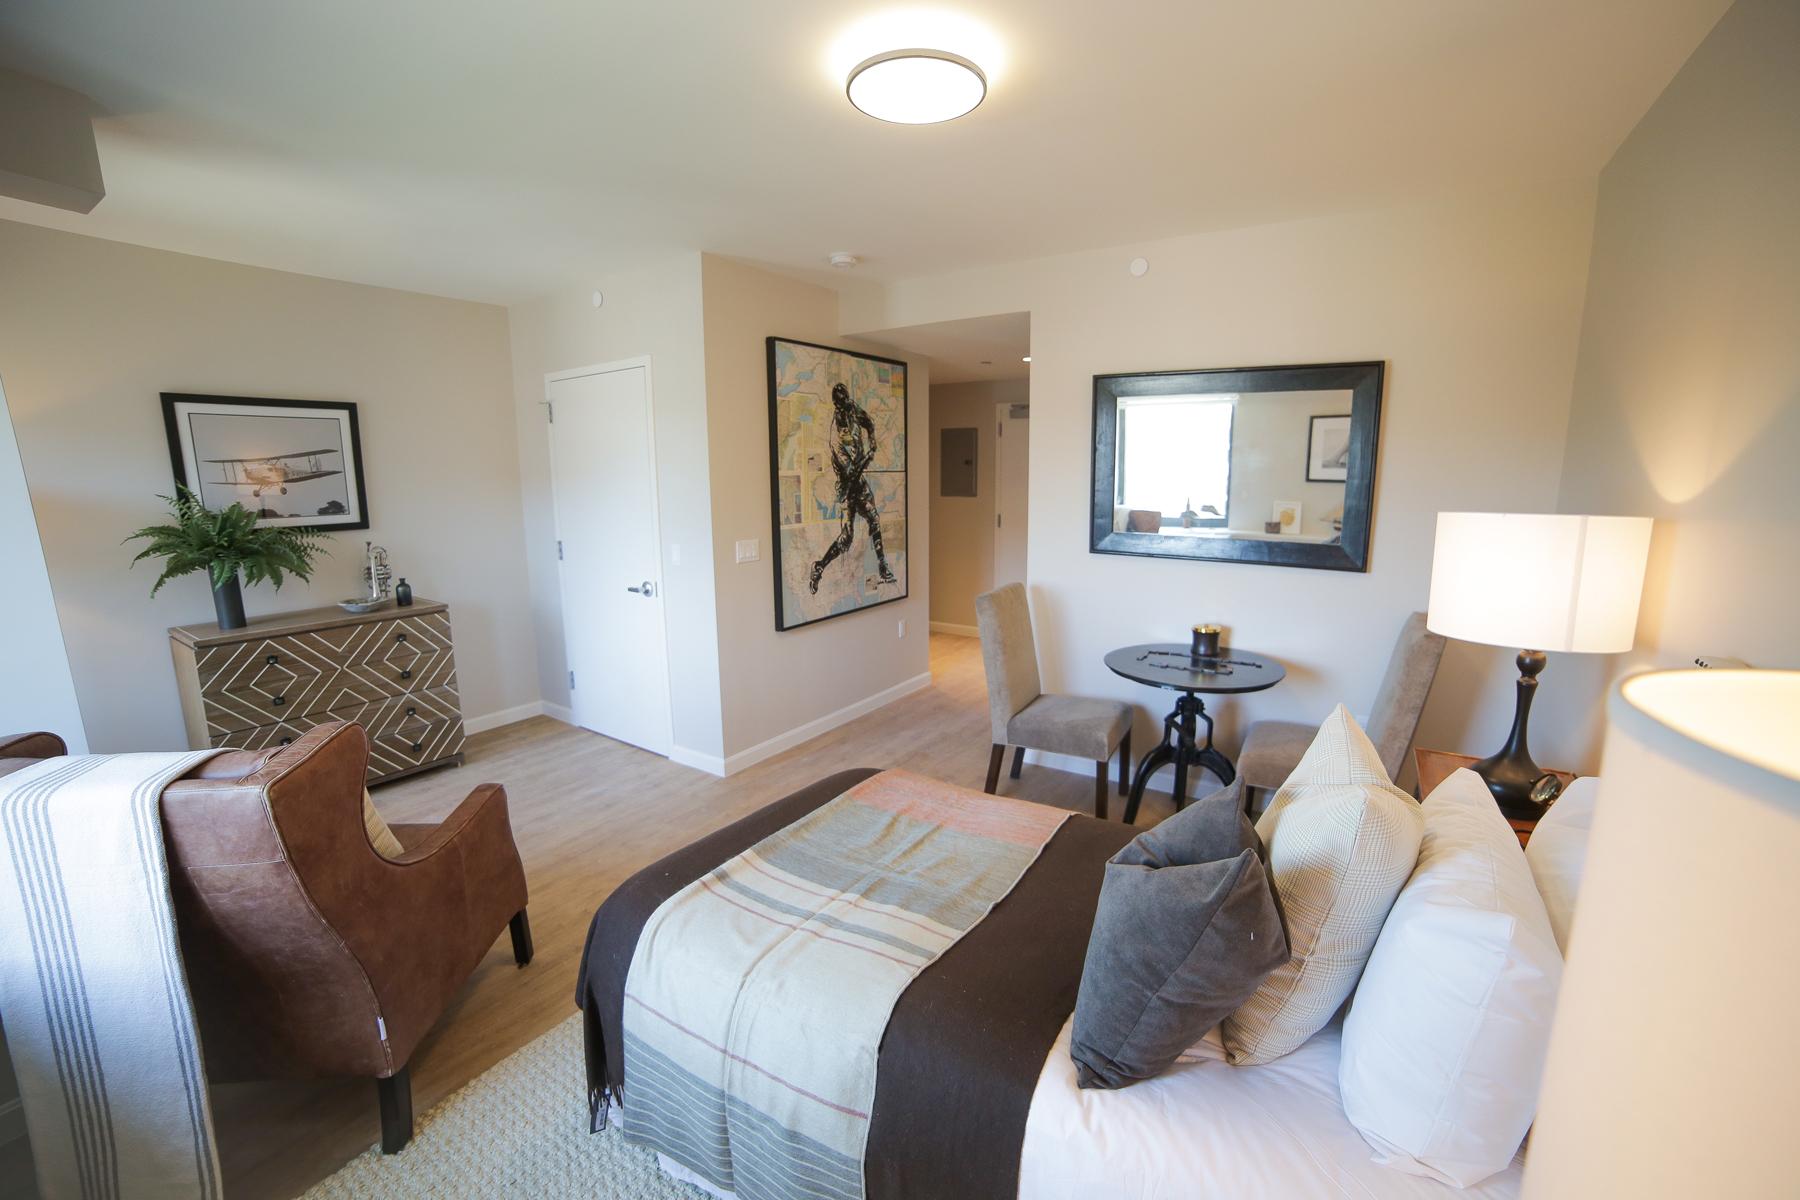 A Studio Plus Bedroom featuring an open floor plan.